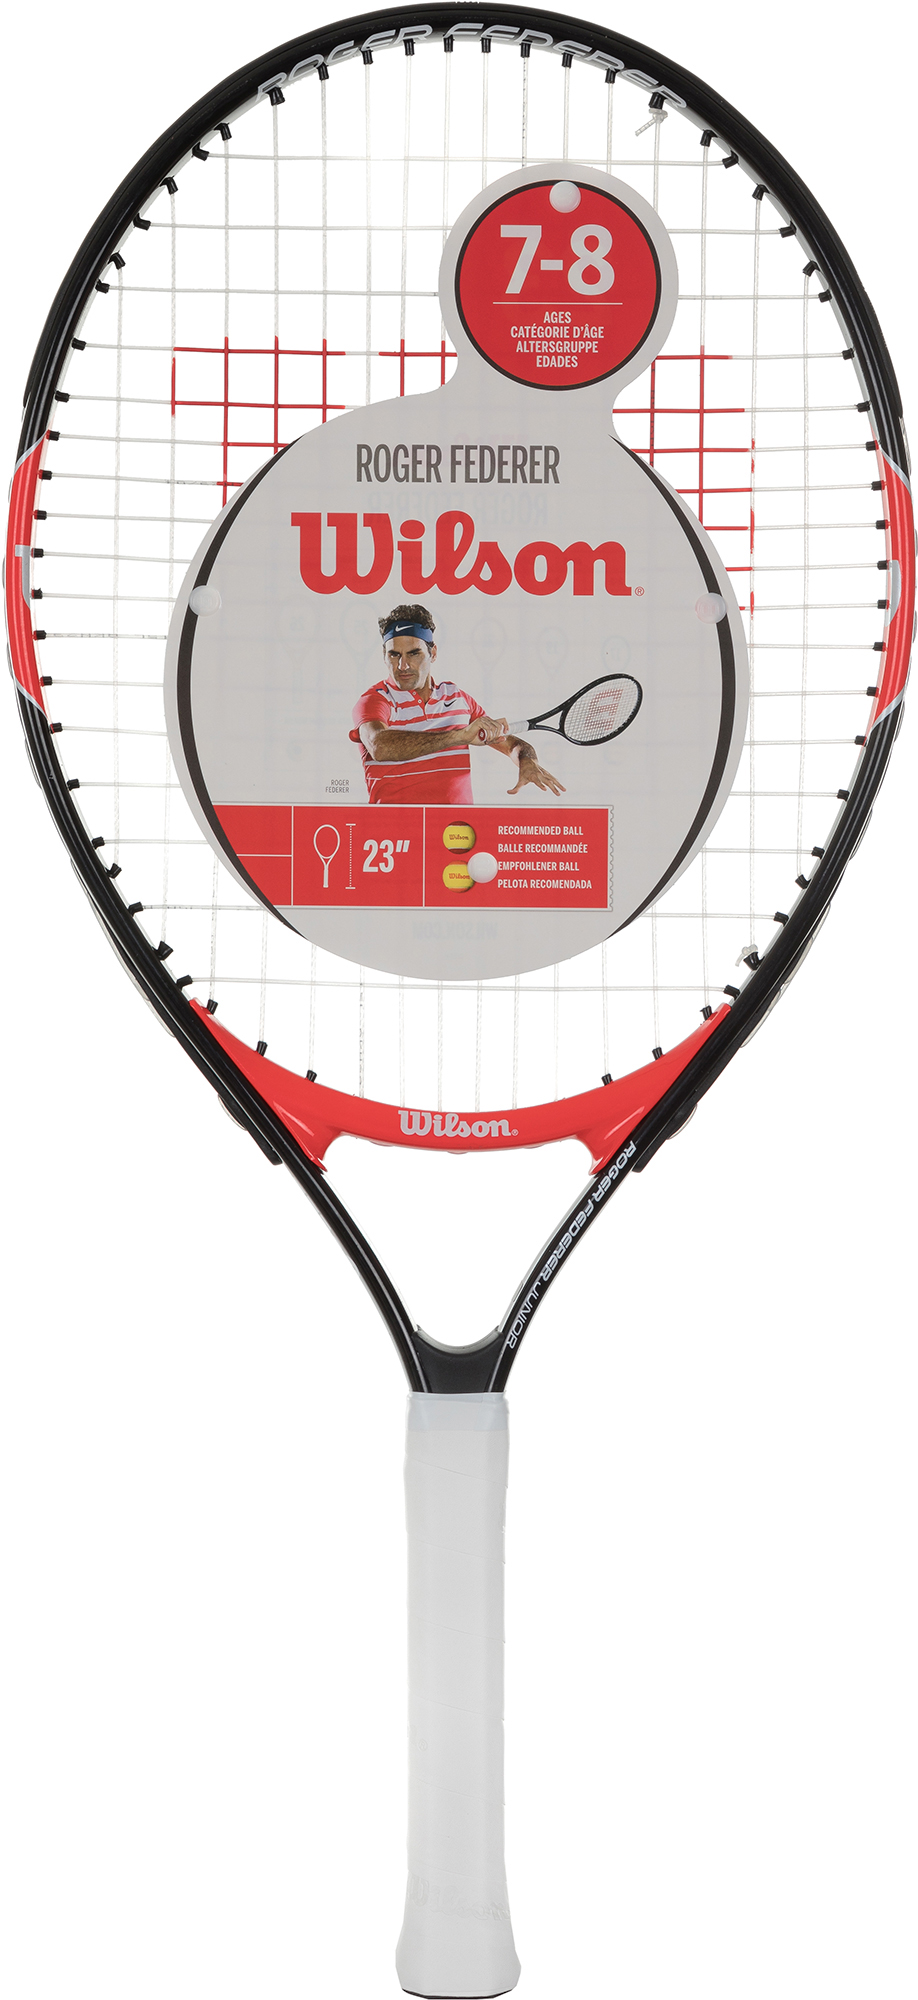 Wilson Ракетка для большого тенниса детская Wilson Roger Federer 23 цена